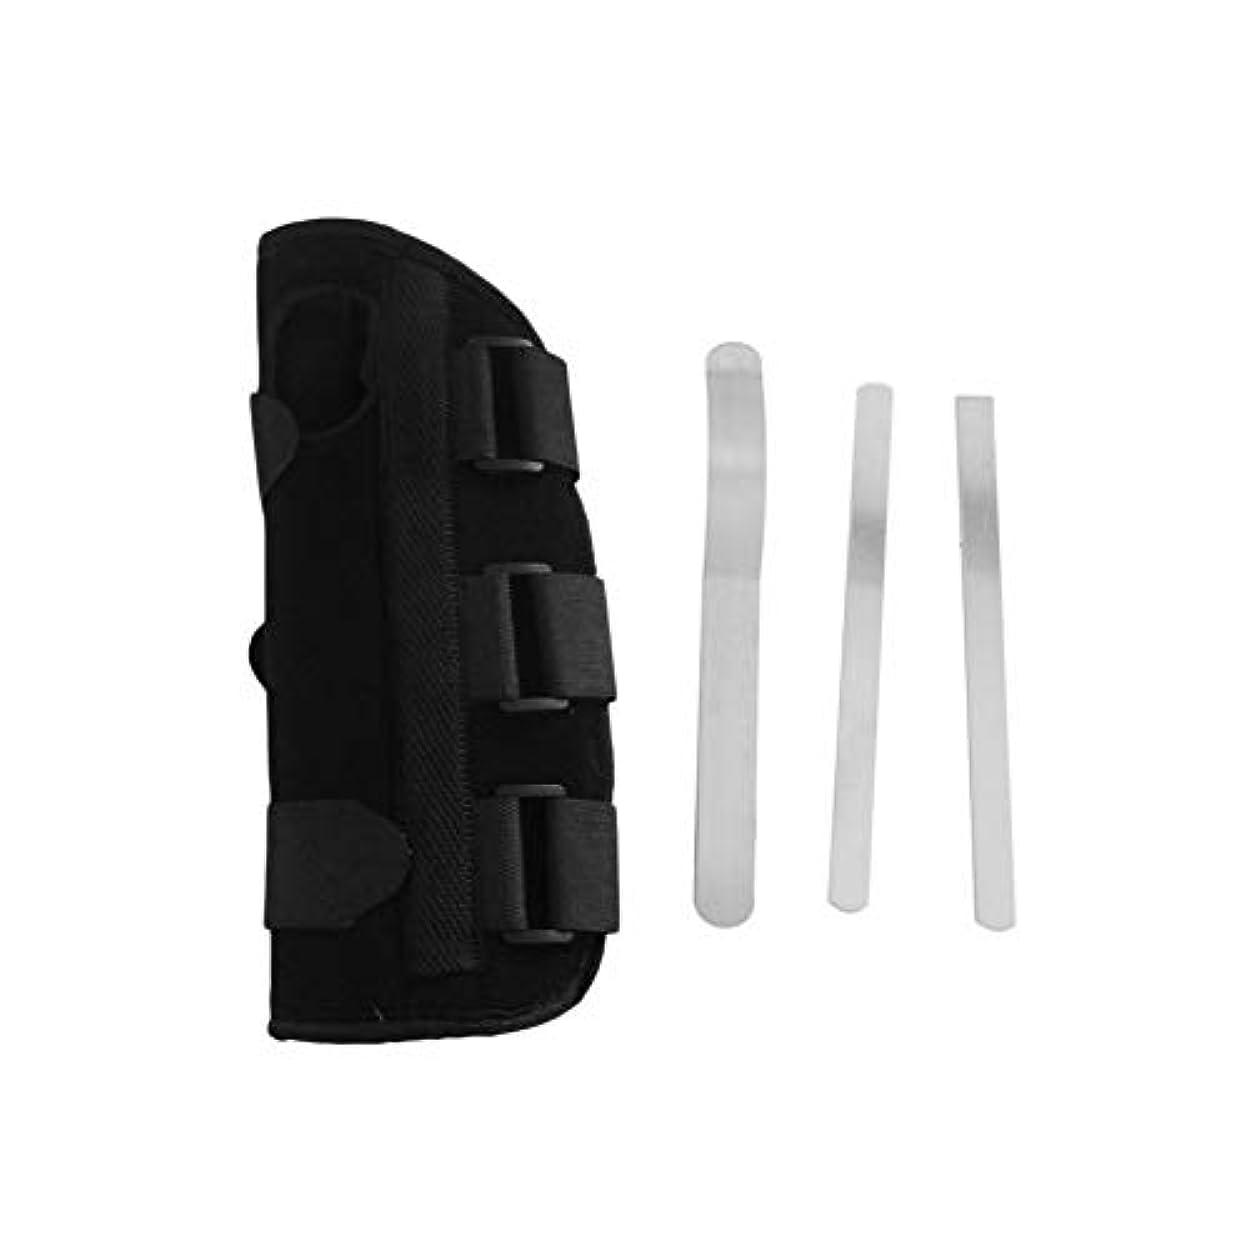 フォーマット厚さ教養がある手首副木ブレース保護サポートストラップカルペルトンネルCTS RSI痛み軽減リムーバブル副木快適な軽量ストラップ - ブラックM